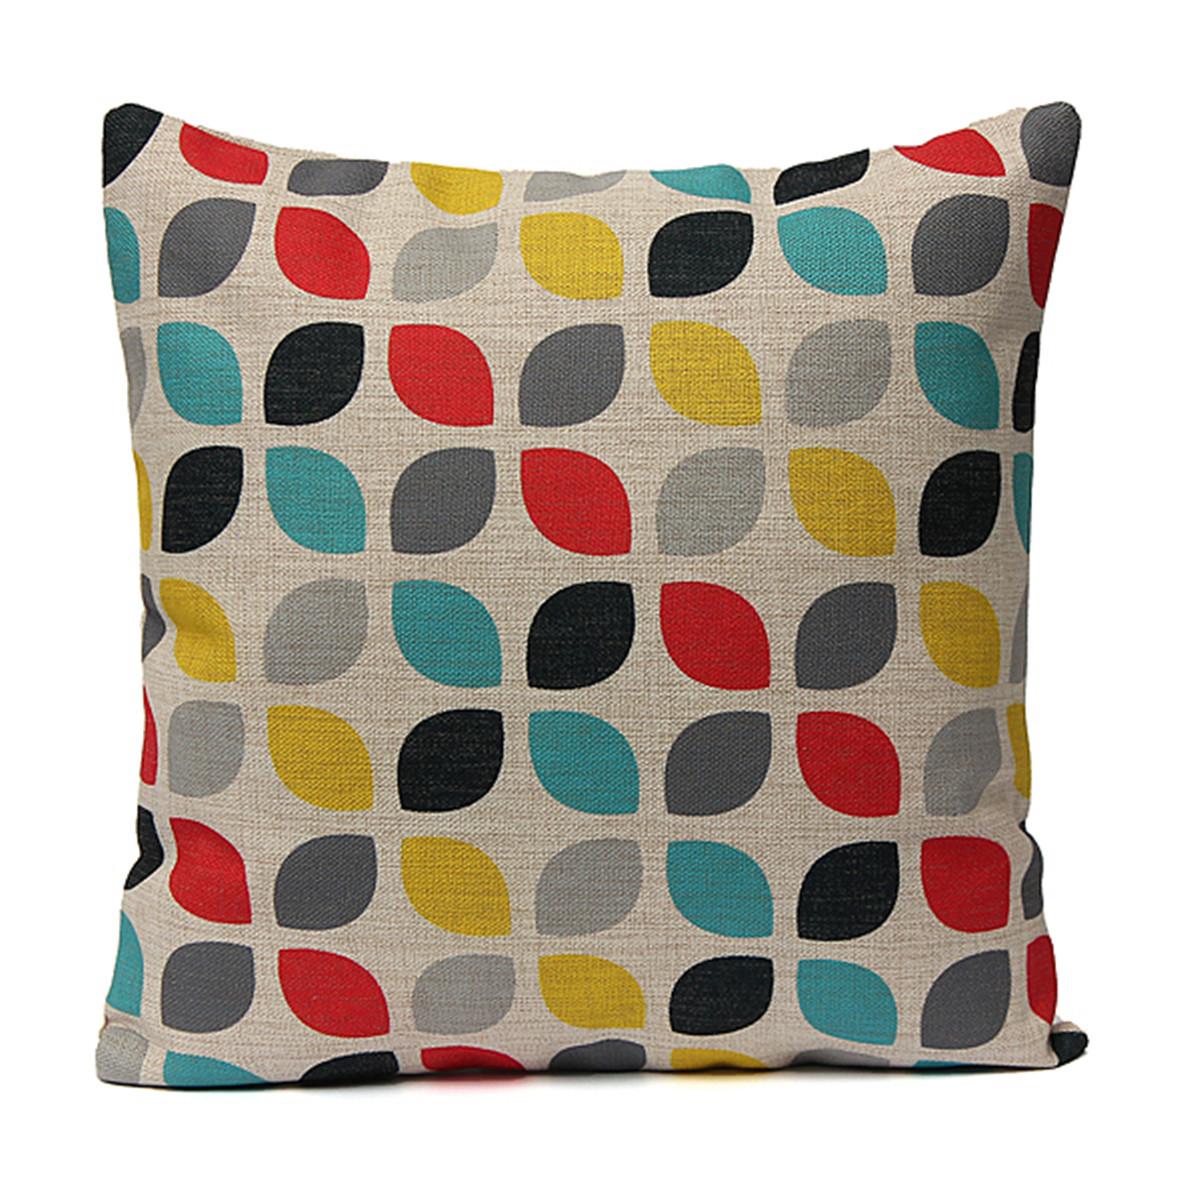 Vintage-Cotton-Linen-Cushion-Cover-Waist-Throw-Pillow-Case-Home-Sofa-Car-Decor